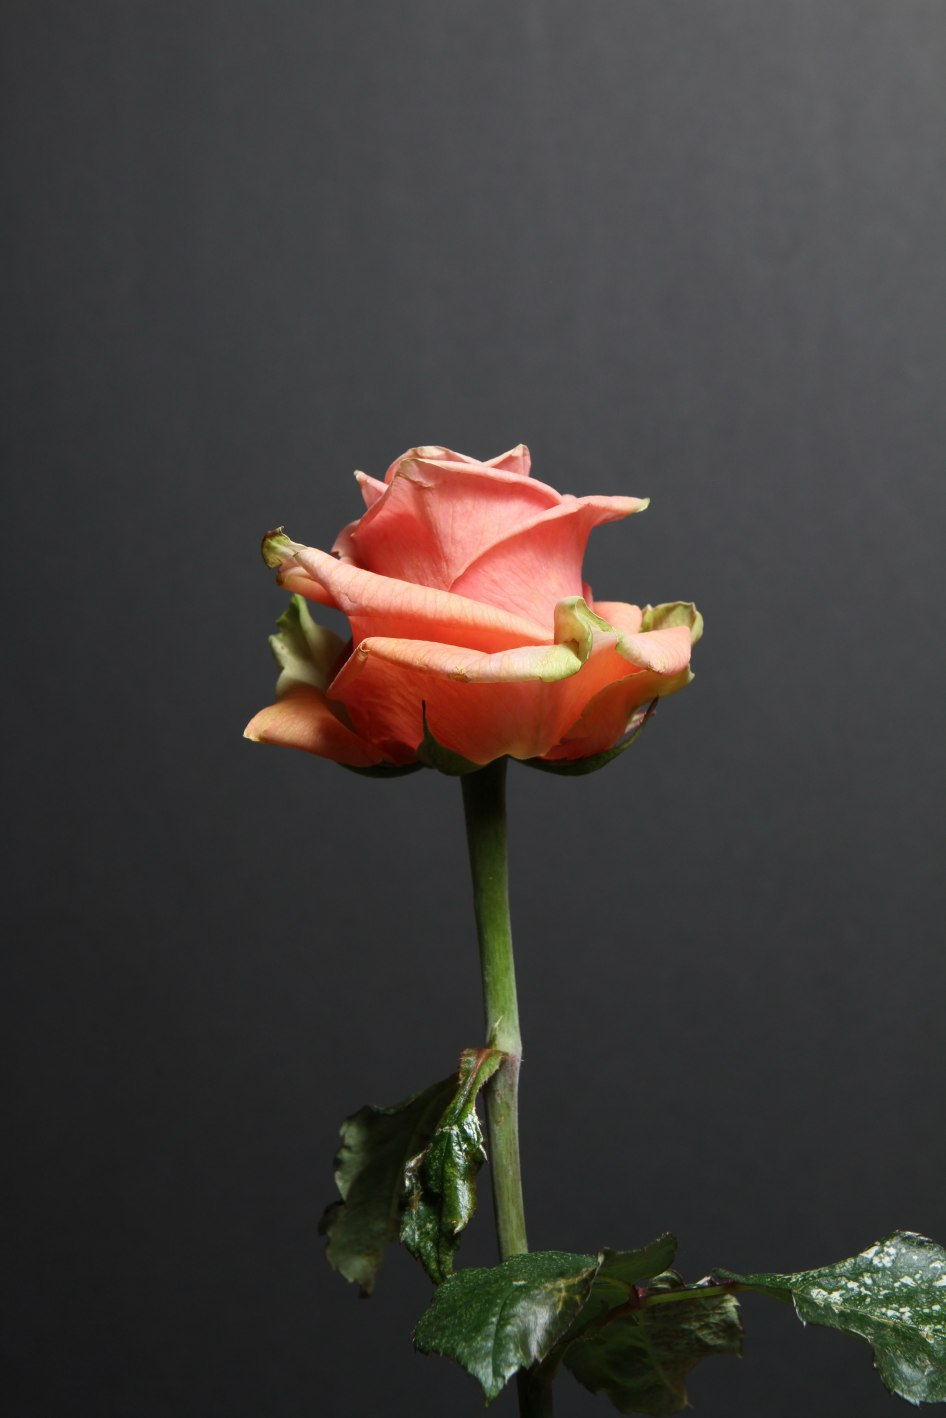 Eine lachs-rosafarbene Rose aufgenommen von Andreas Lindow.